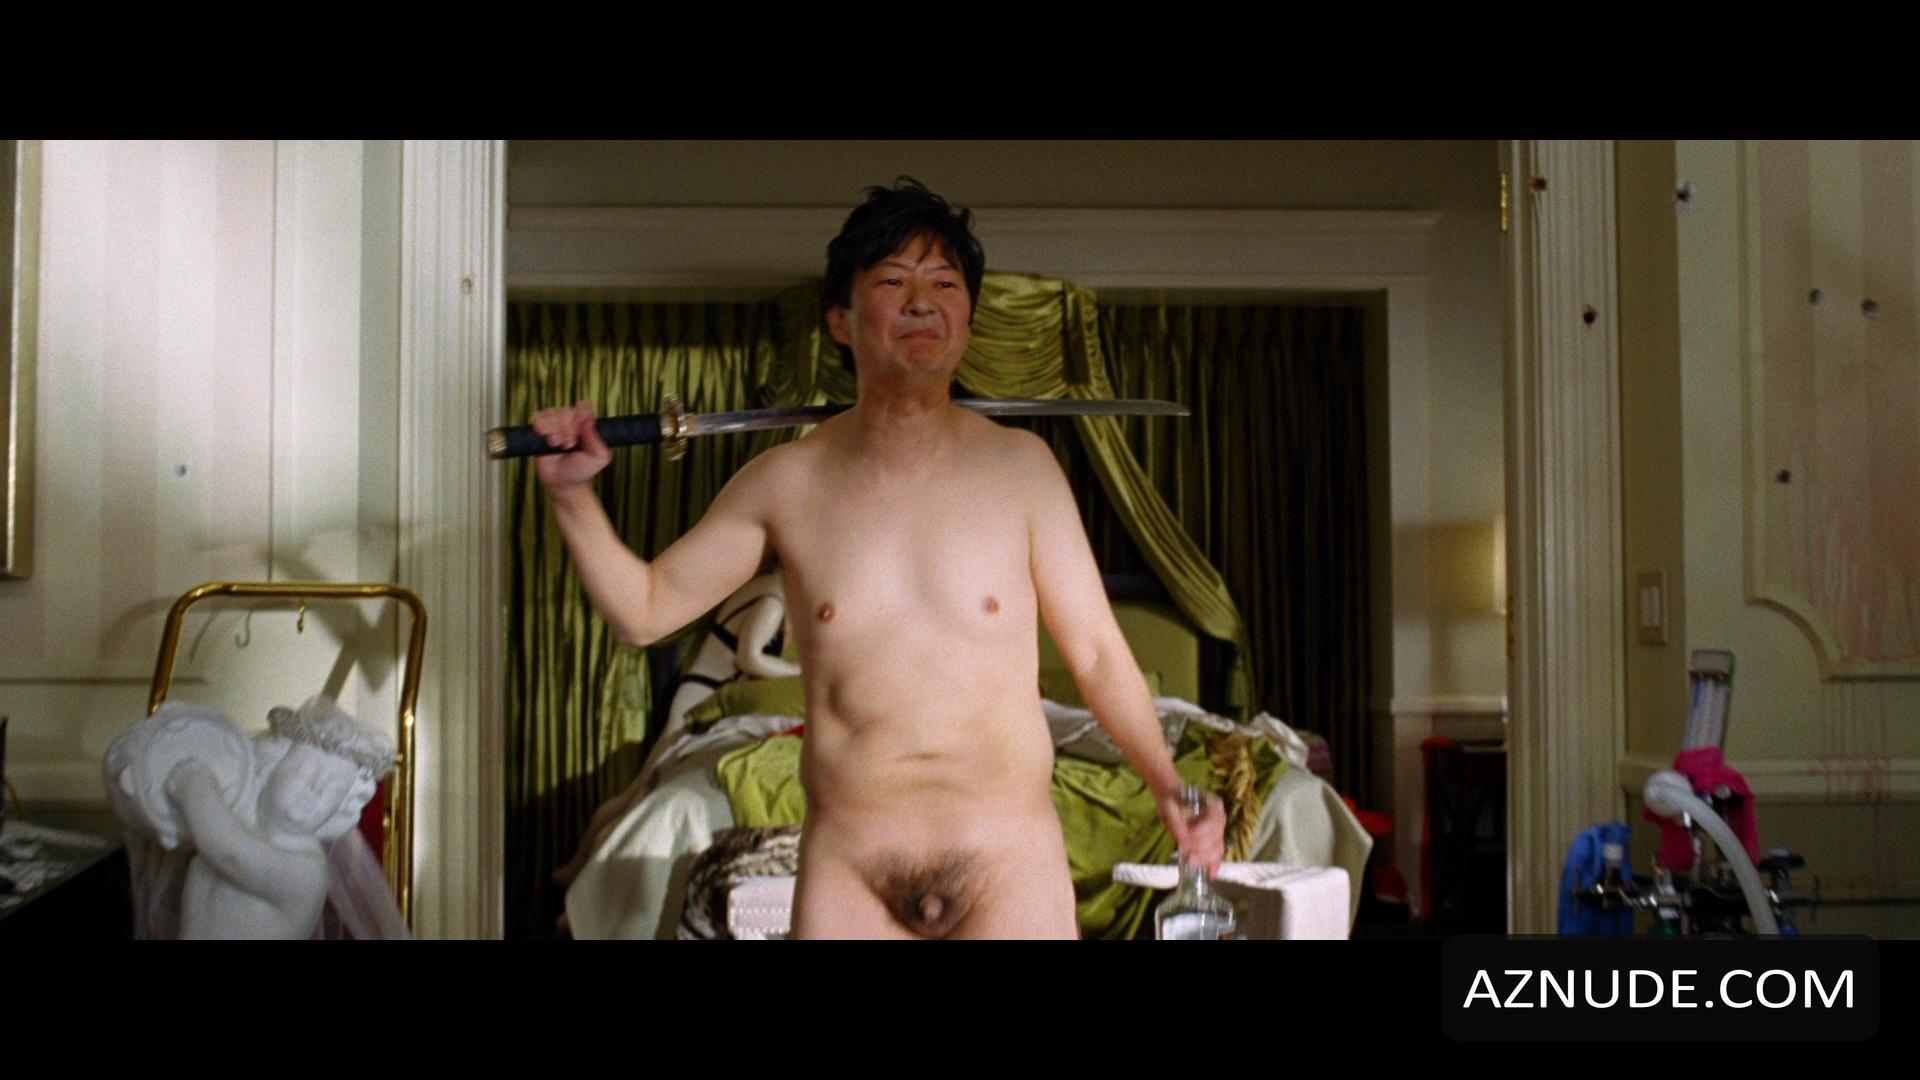 Hangover nude